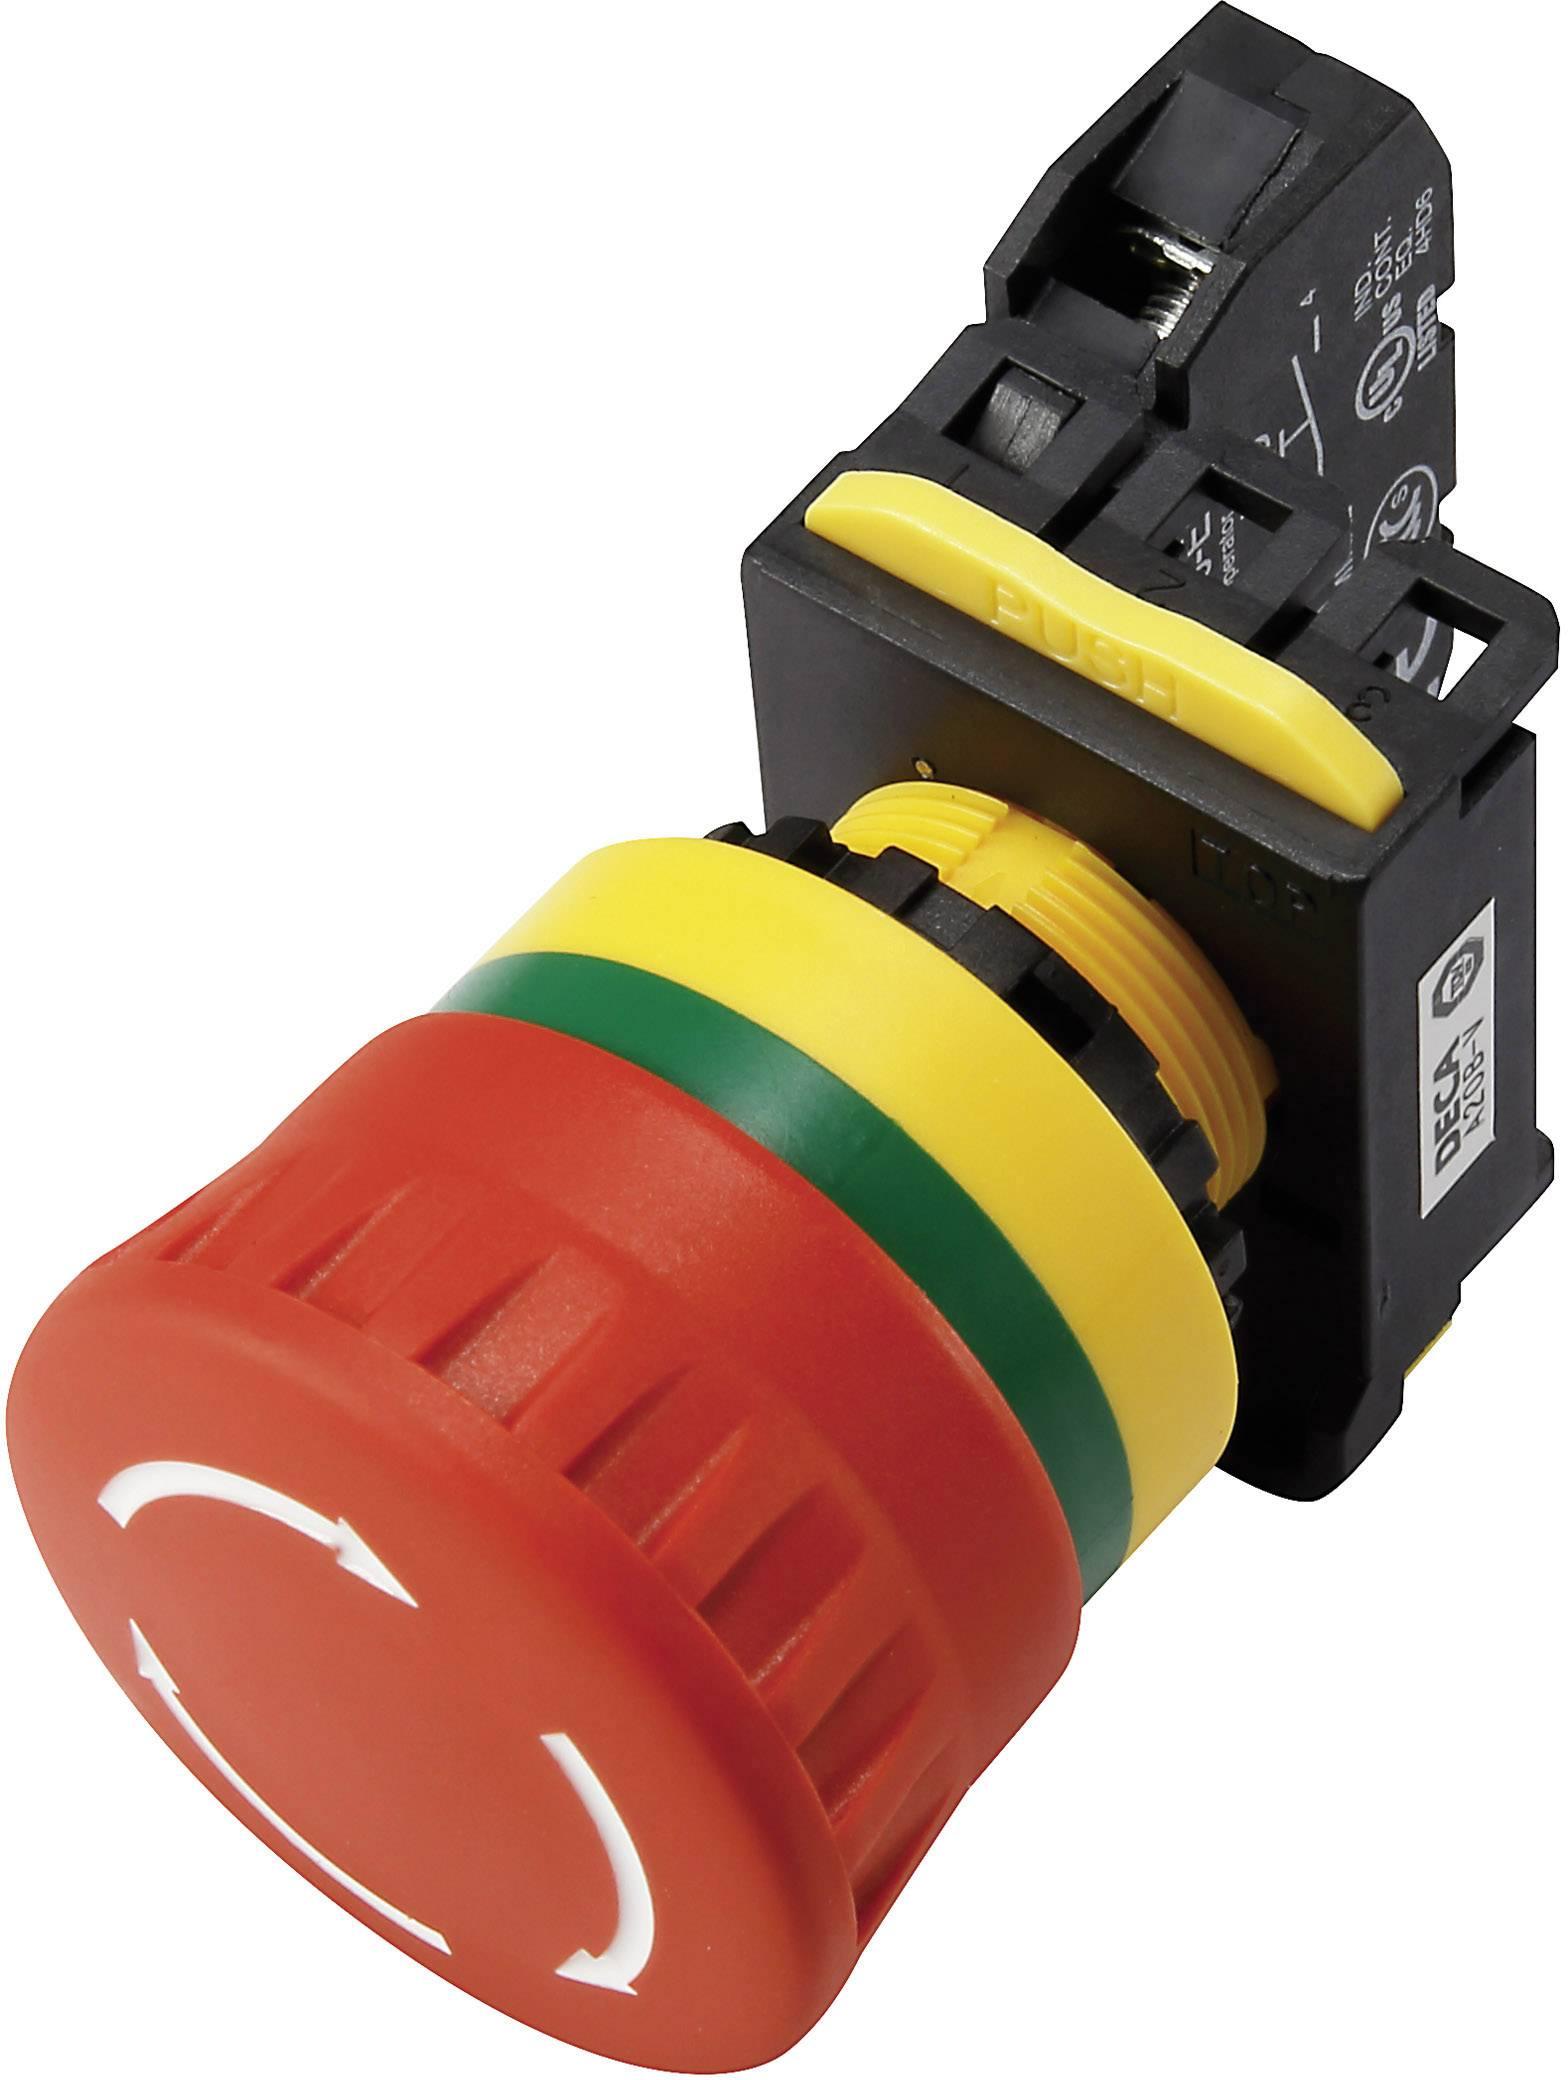 Núdzový vypínač s kontaktným prvkom DECA A20B-V4E20R, 240 V/AC, 6 A